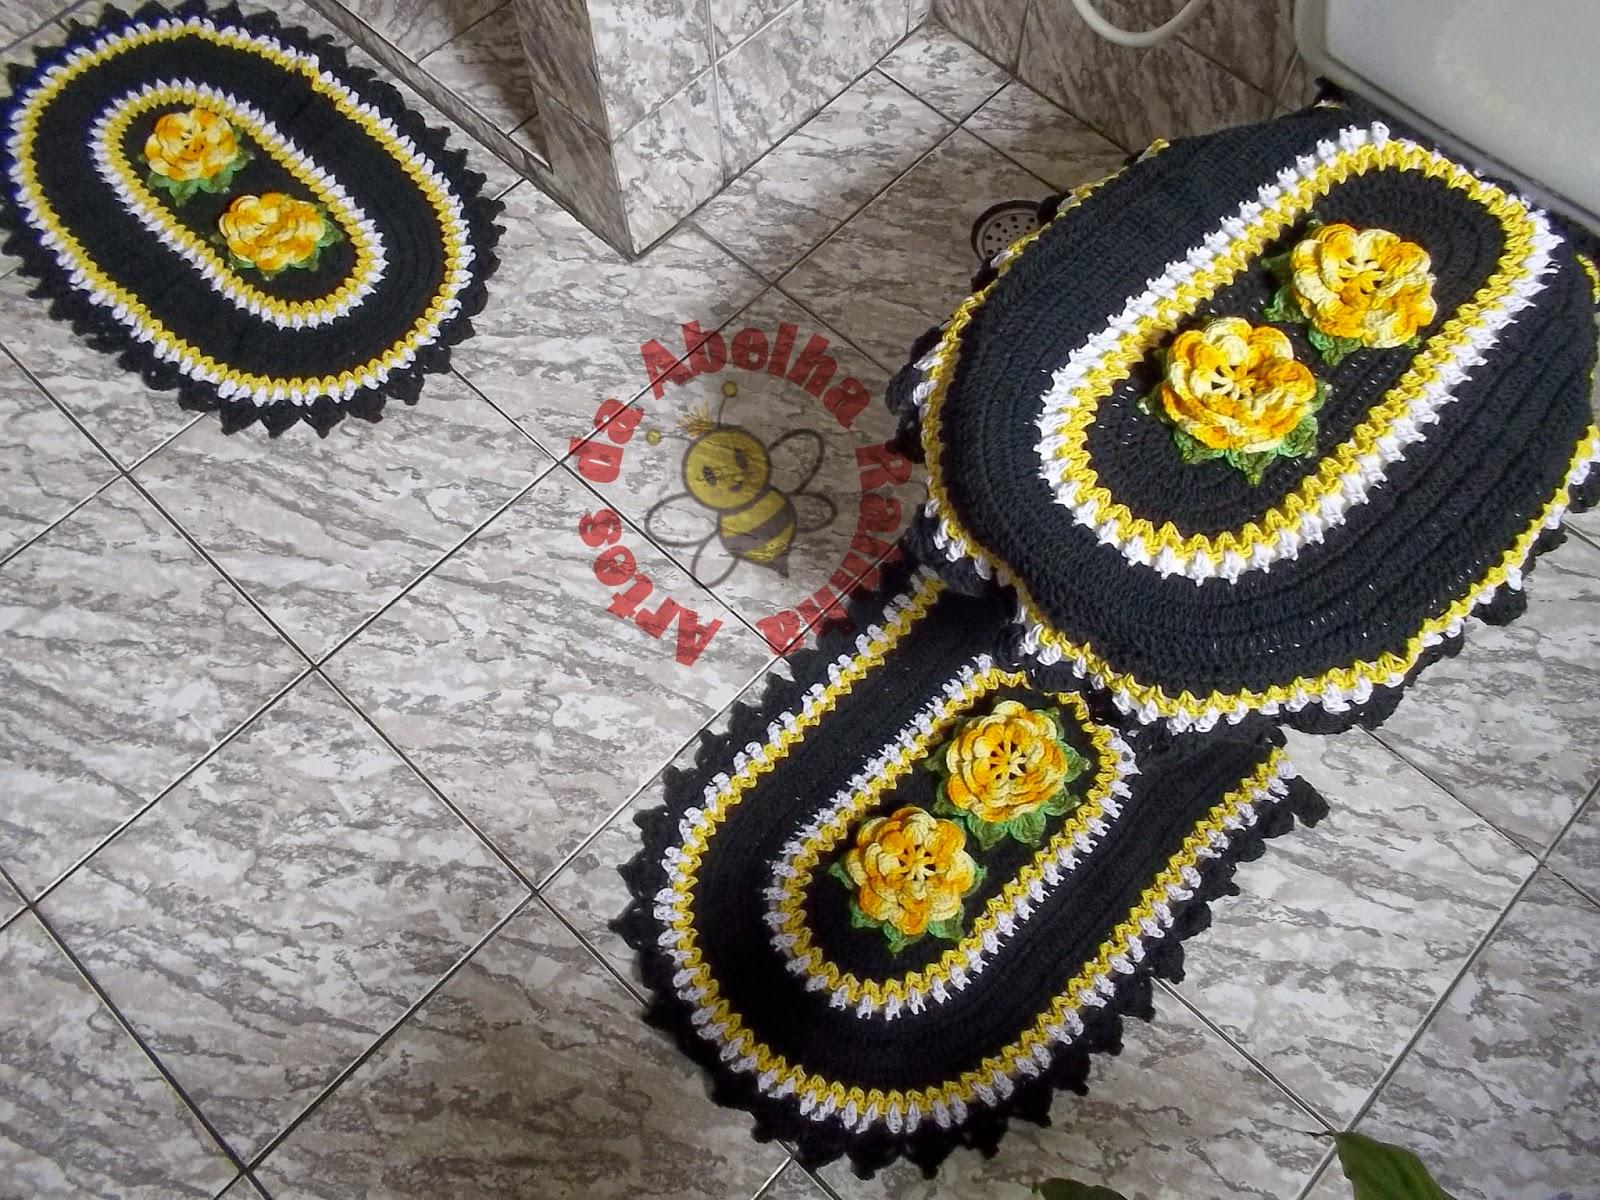 Artes da Abelha Rainha: Jogo de Banheiro de Crochê Preto e Amarelo #B18C1A 1600x1200 Banheiro Amarelo Com Preto